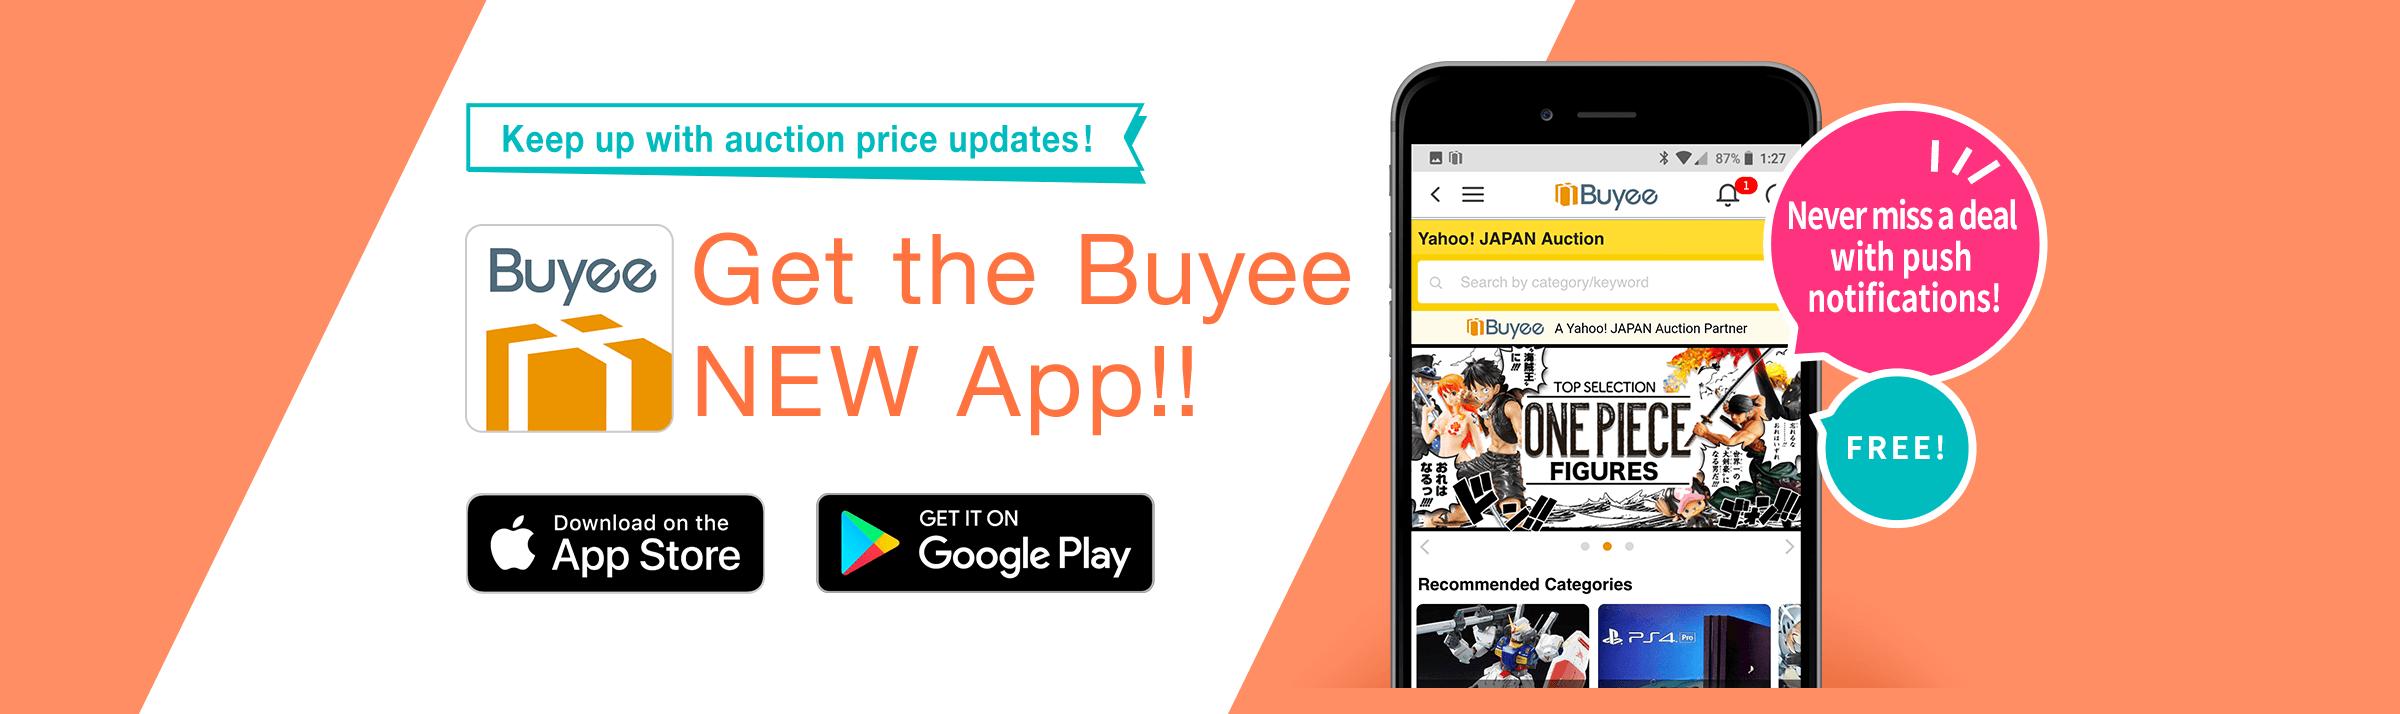 Get the Buyee NEW App!!